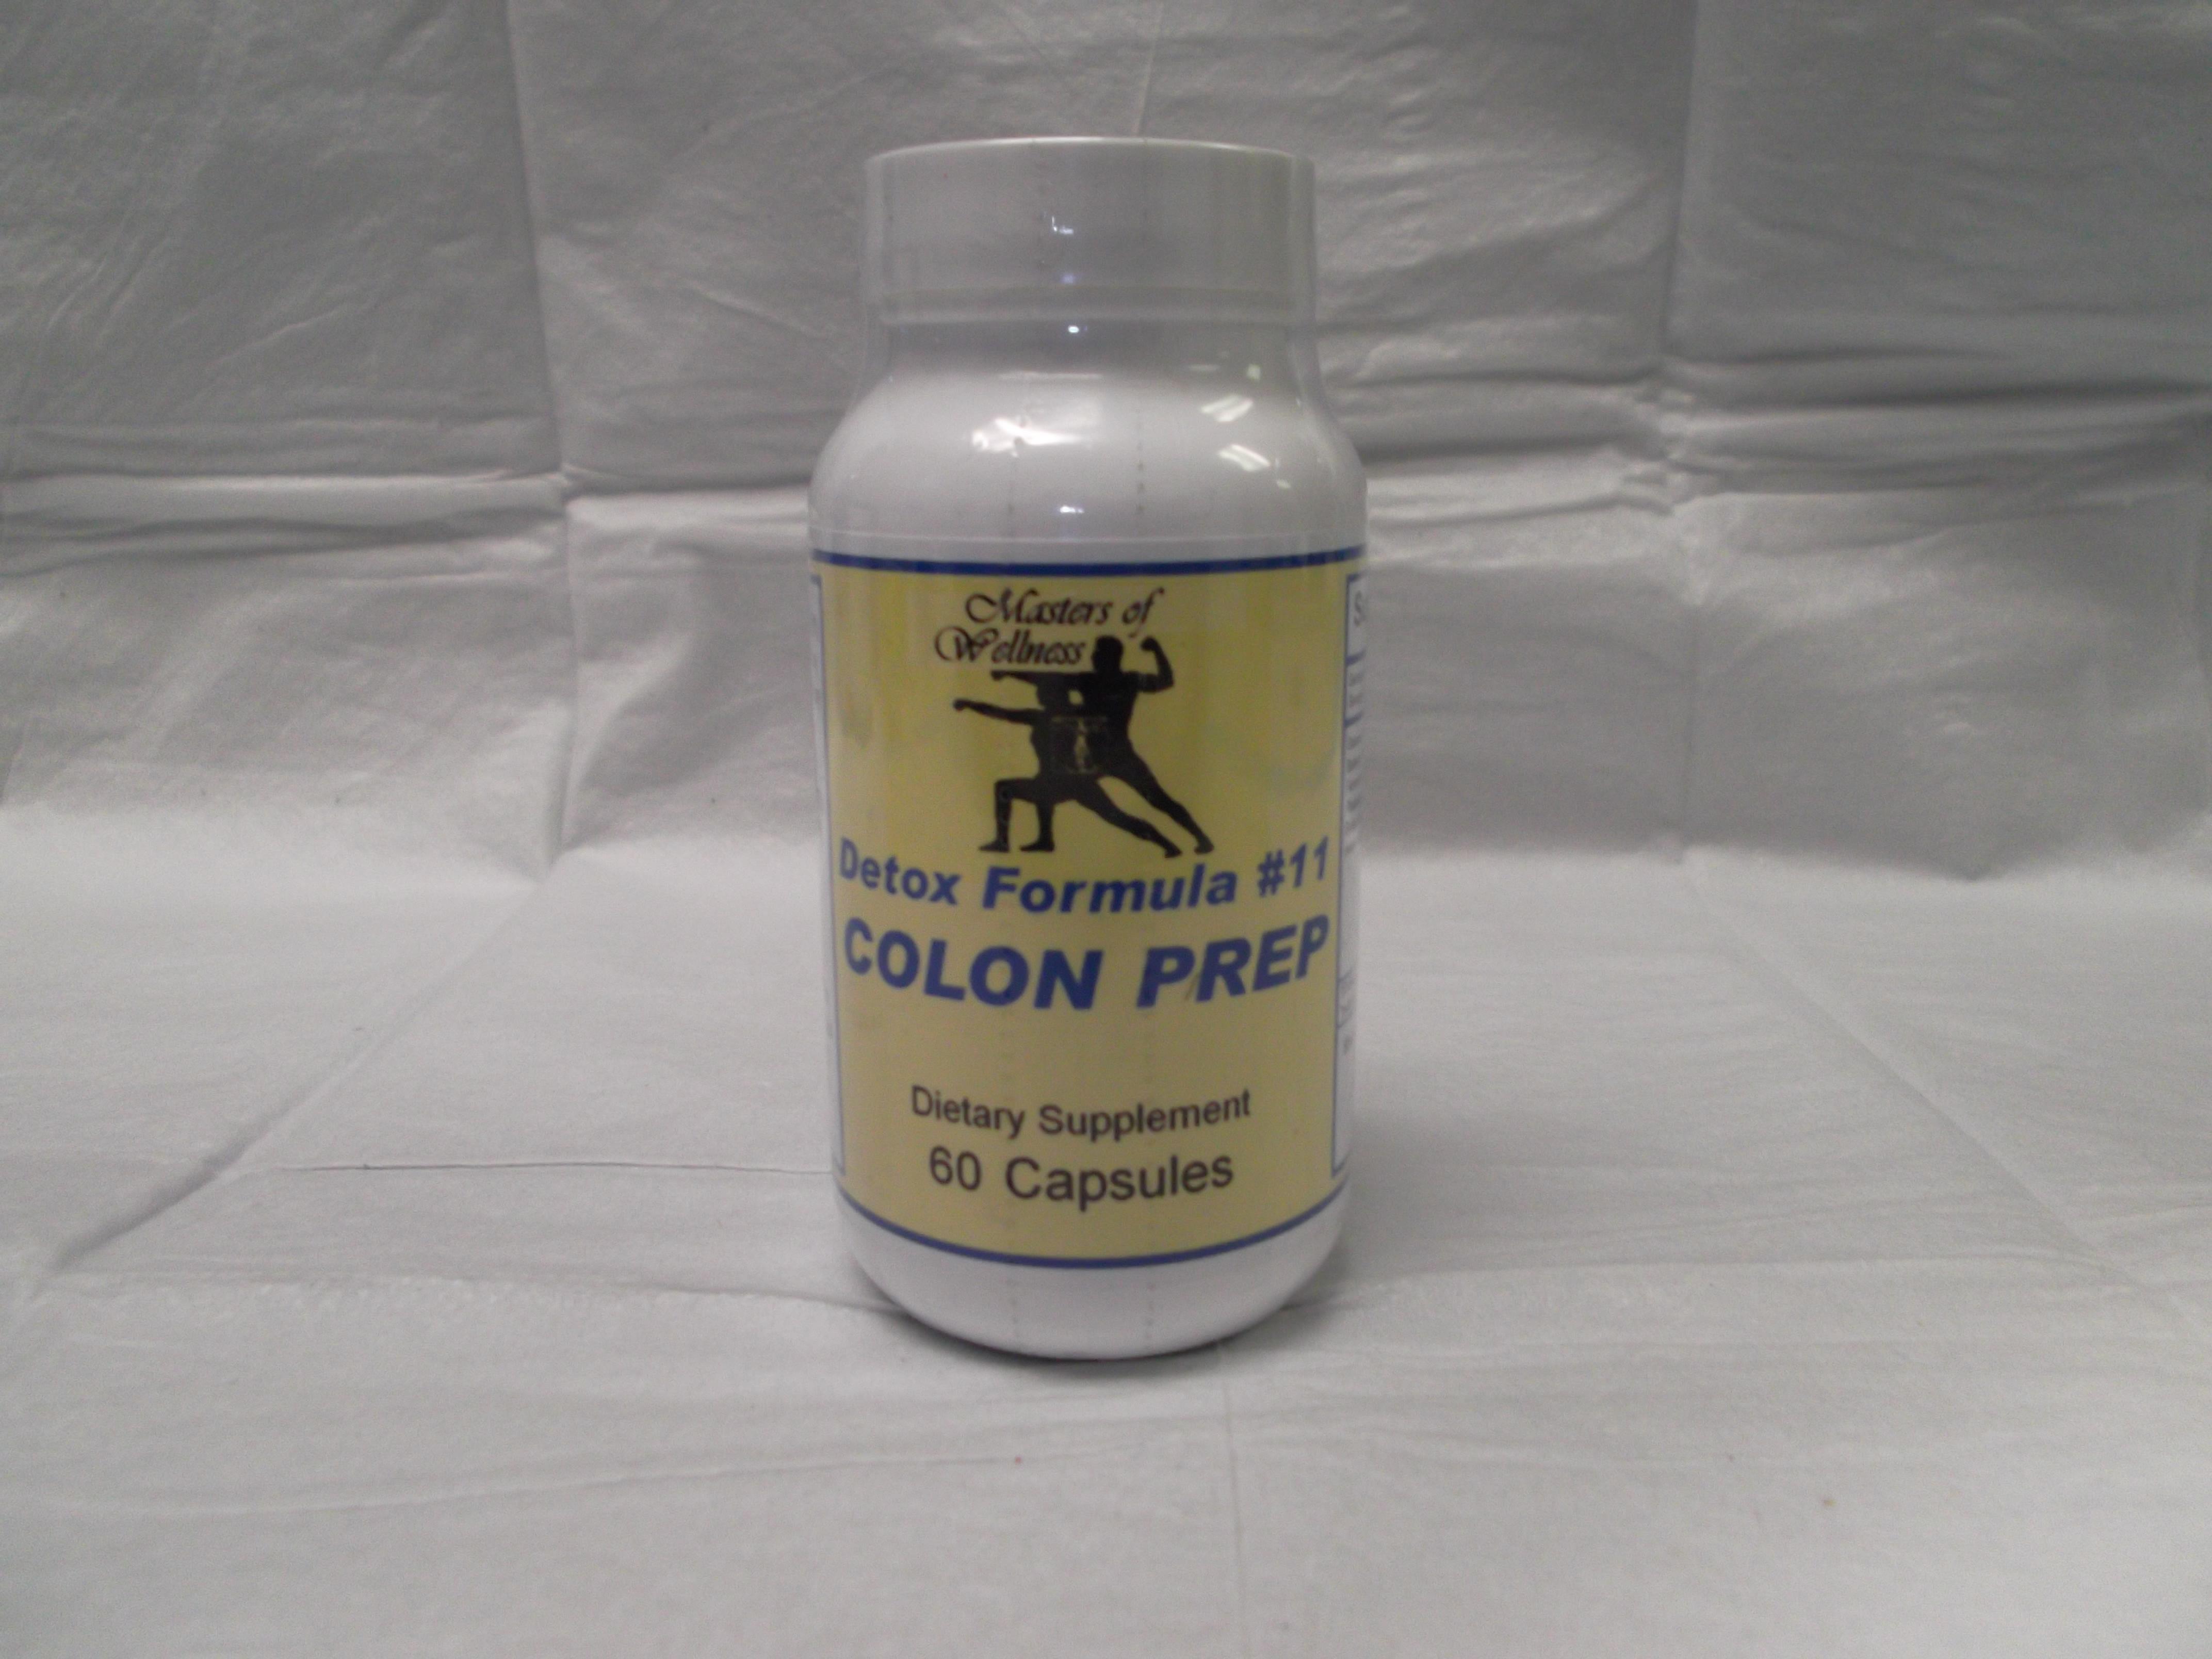 #11 Colon prep